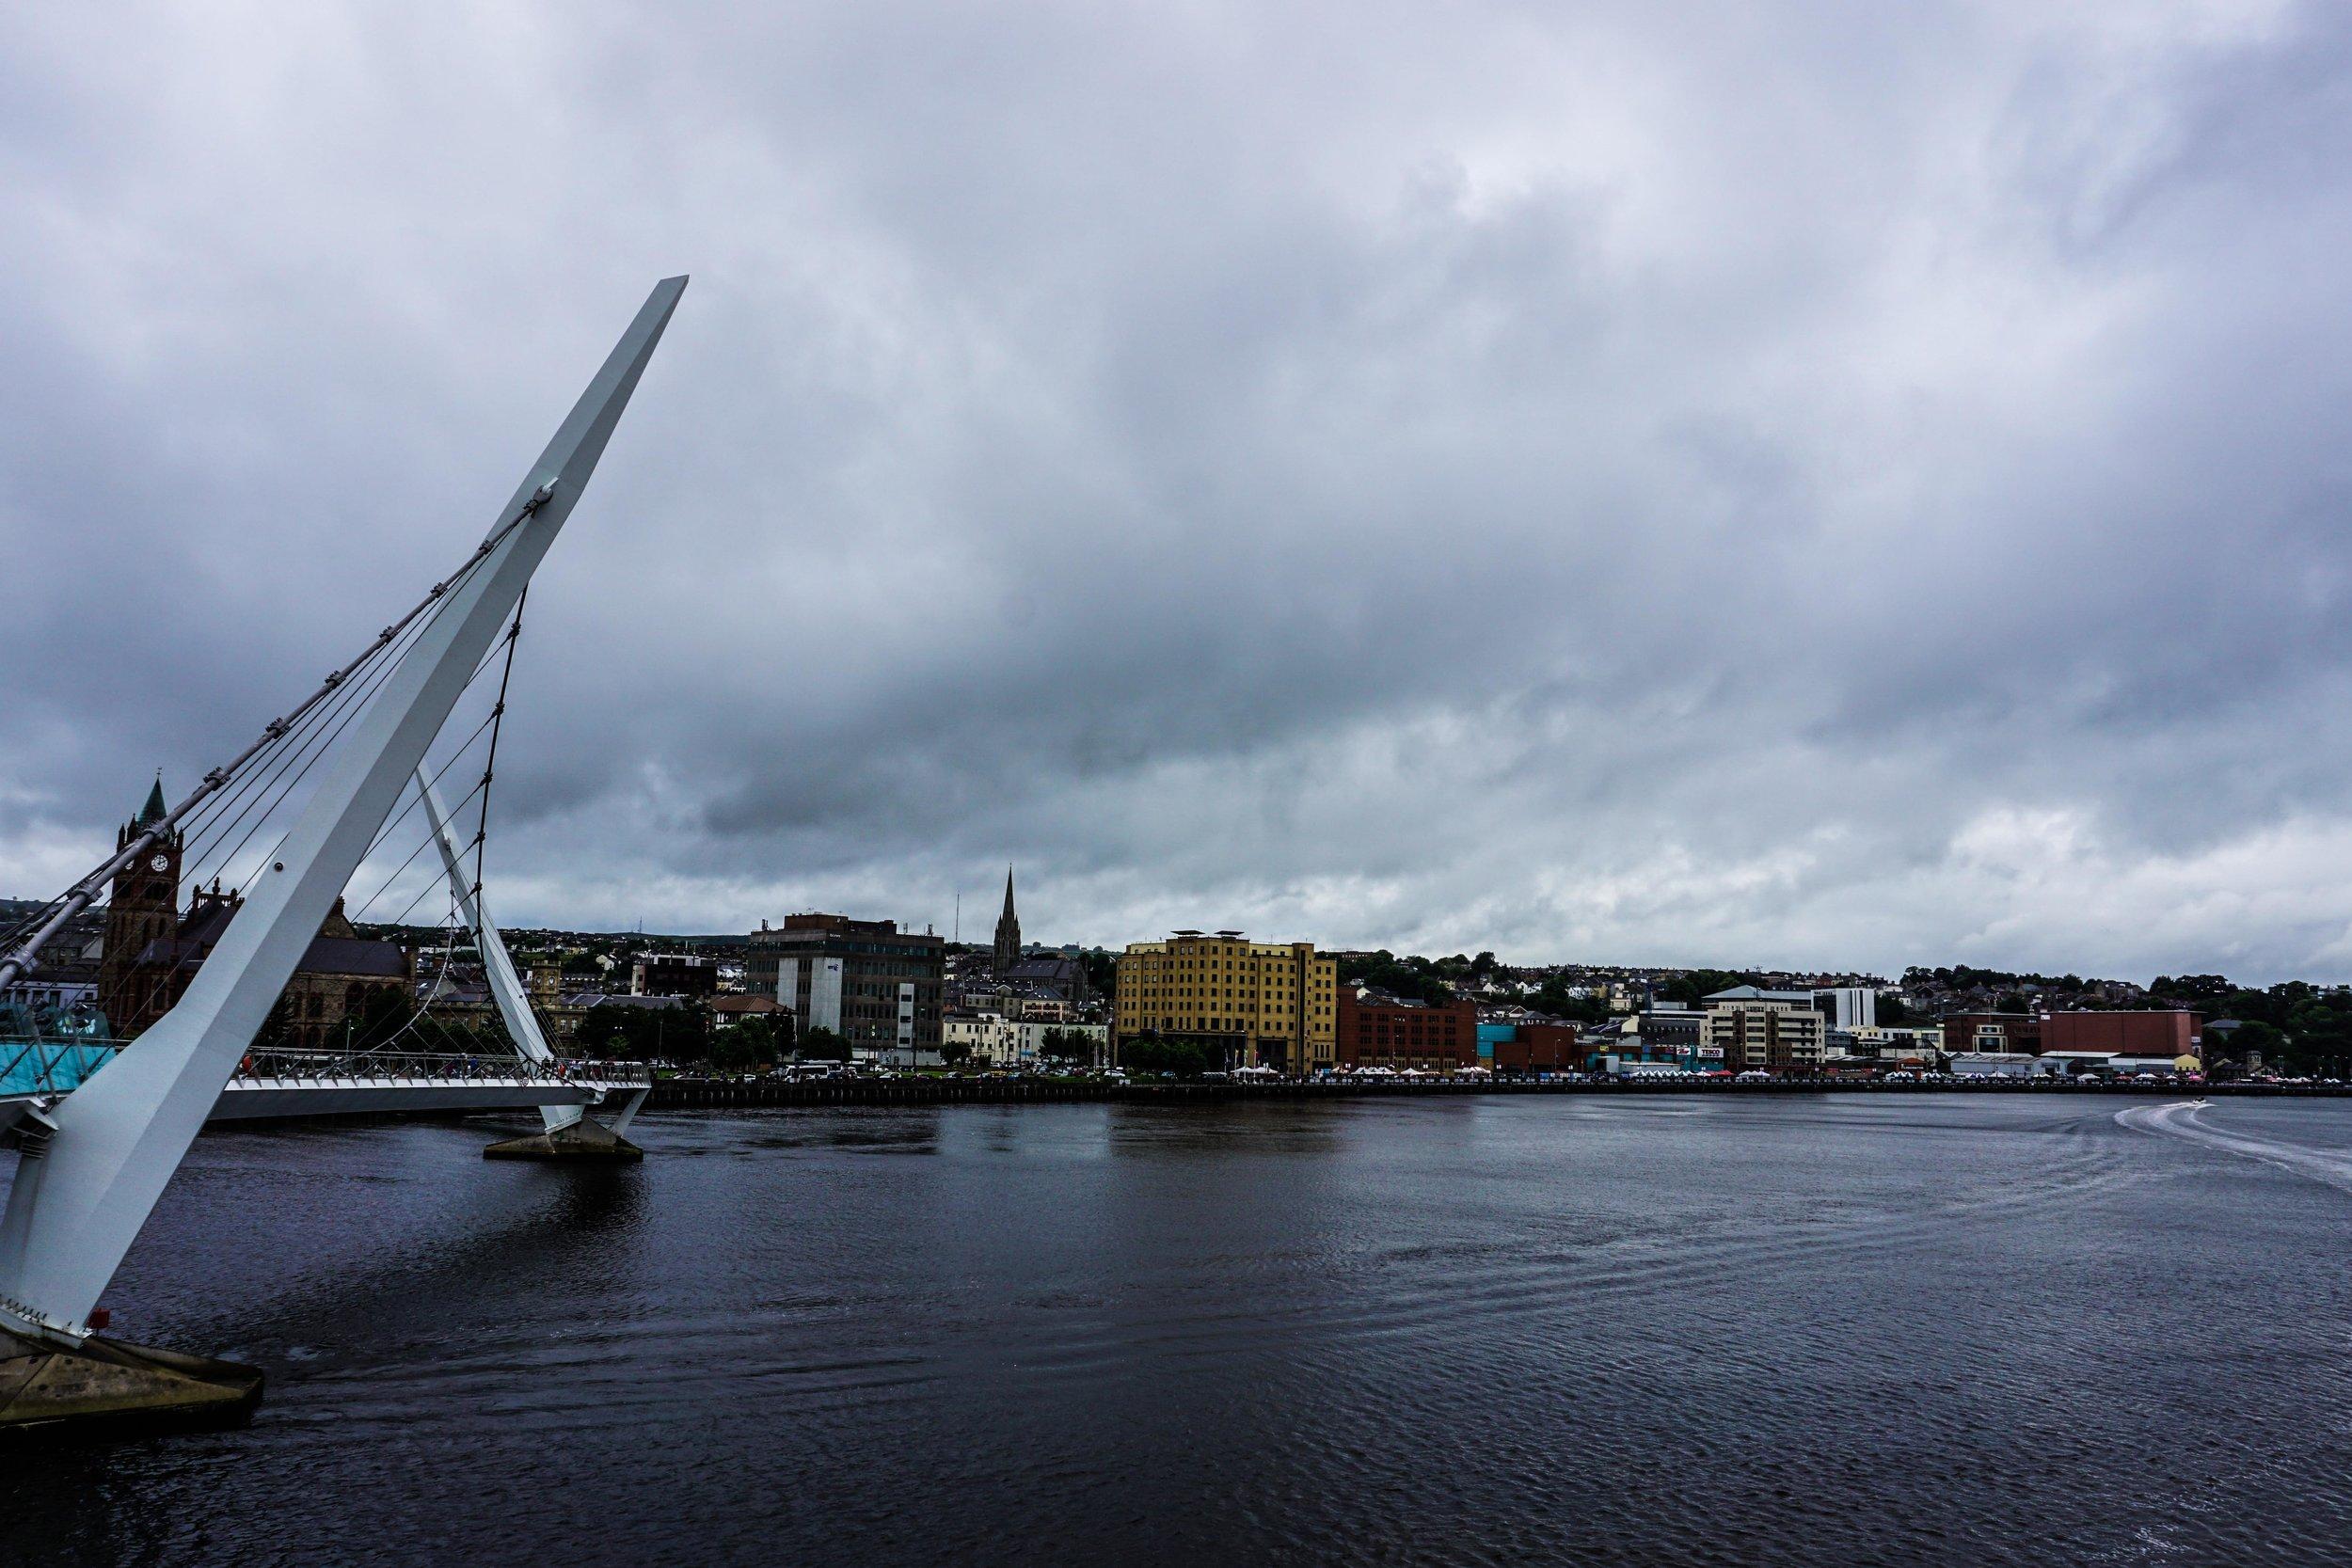 Derry!